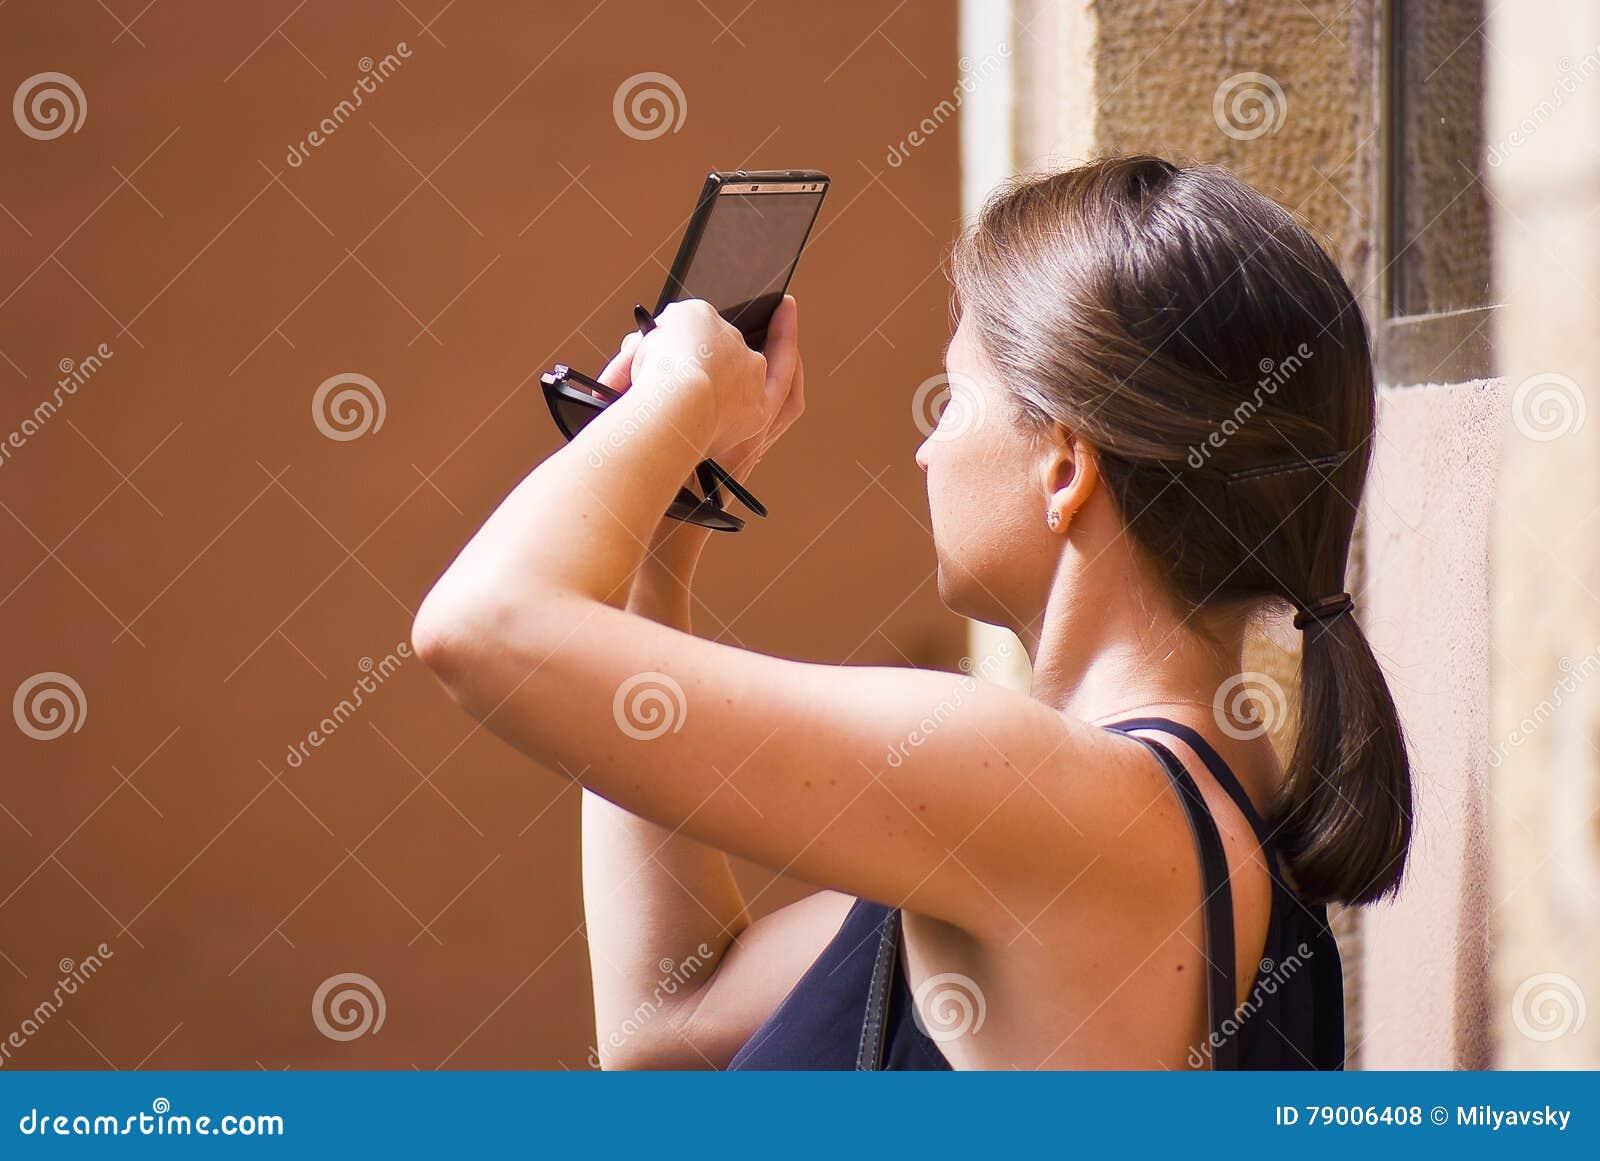 Tiro da jovem mulher com câmera do telefone